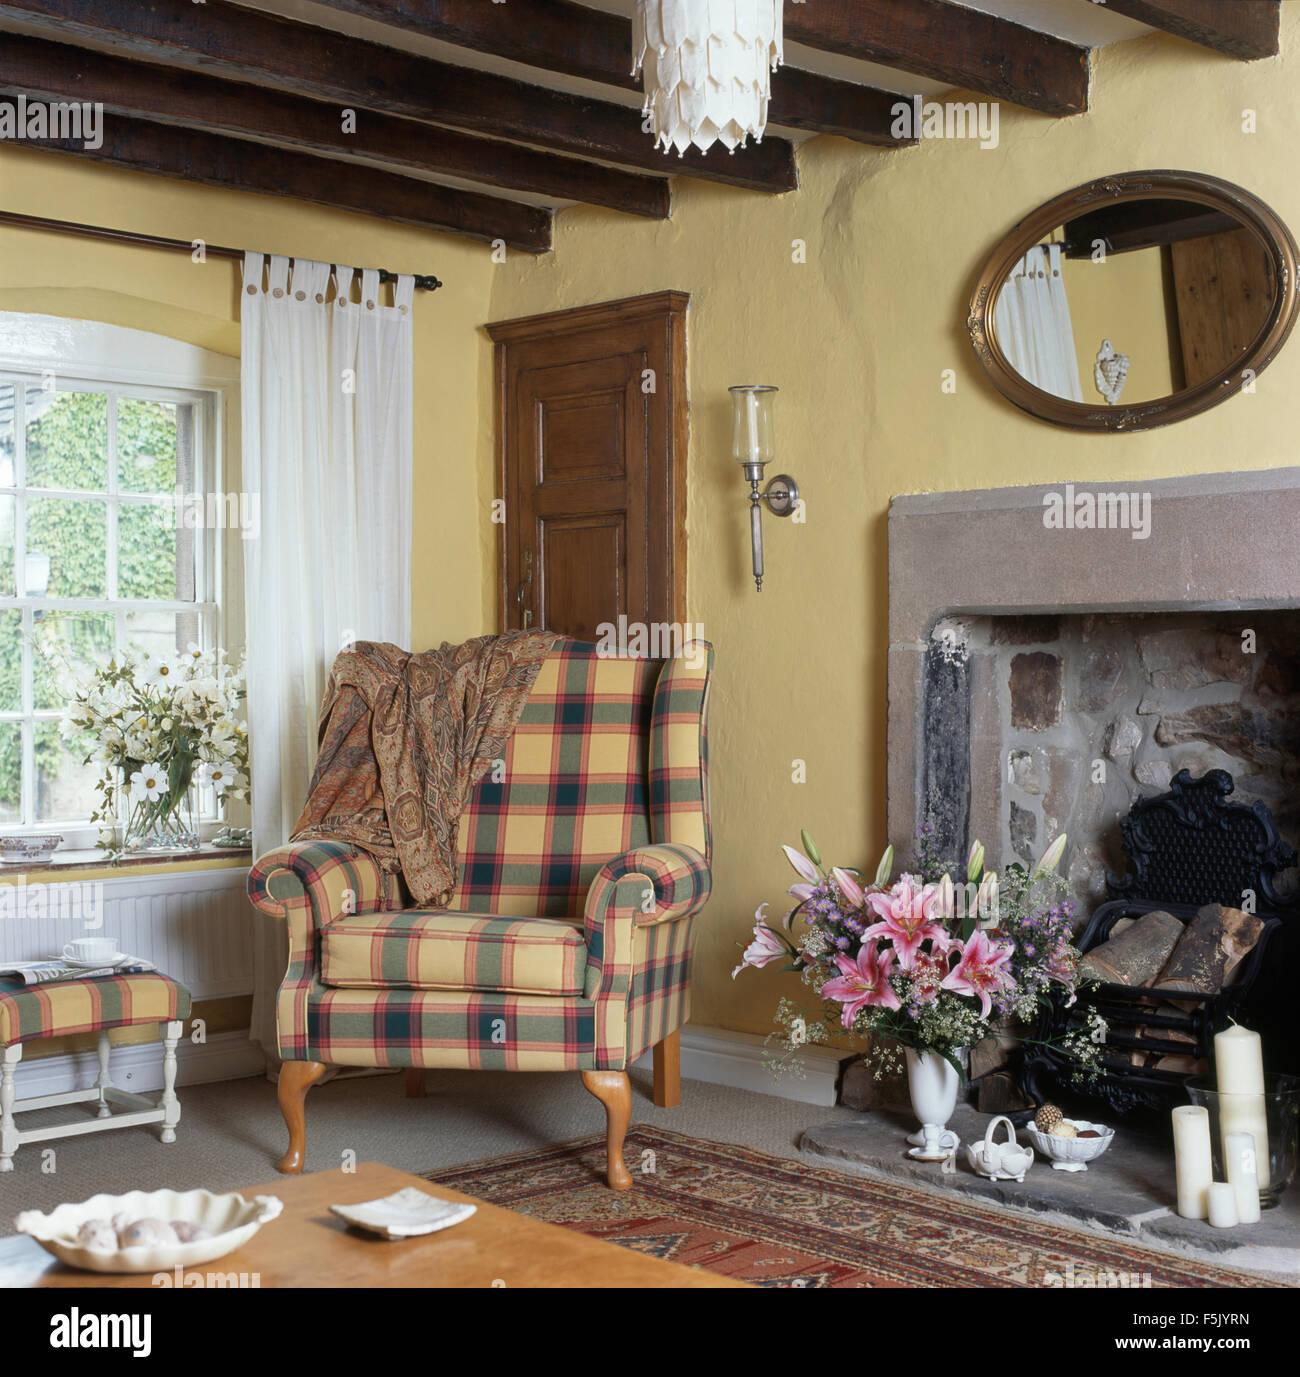 fauteuil à oreilles à carreaux fenêtre avec des rideaux blancs en